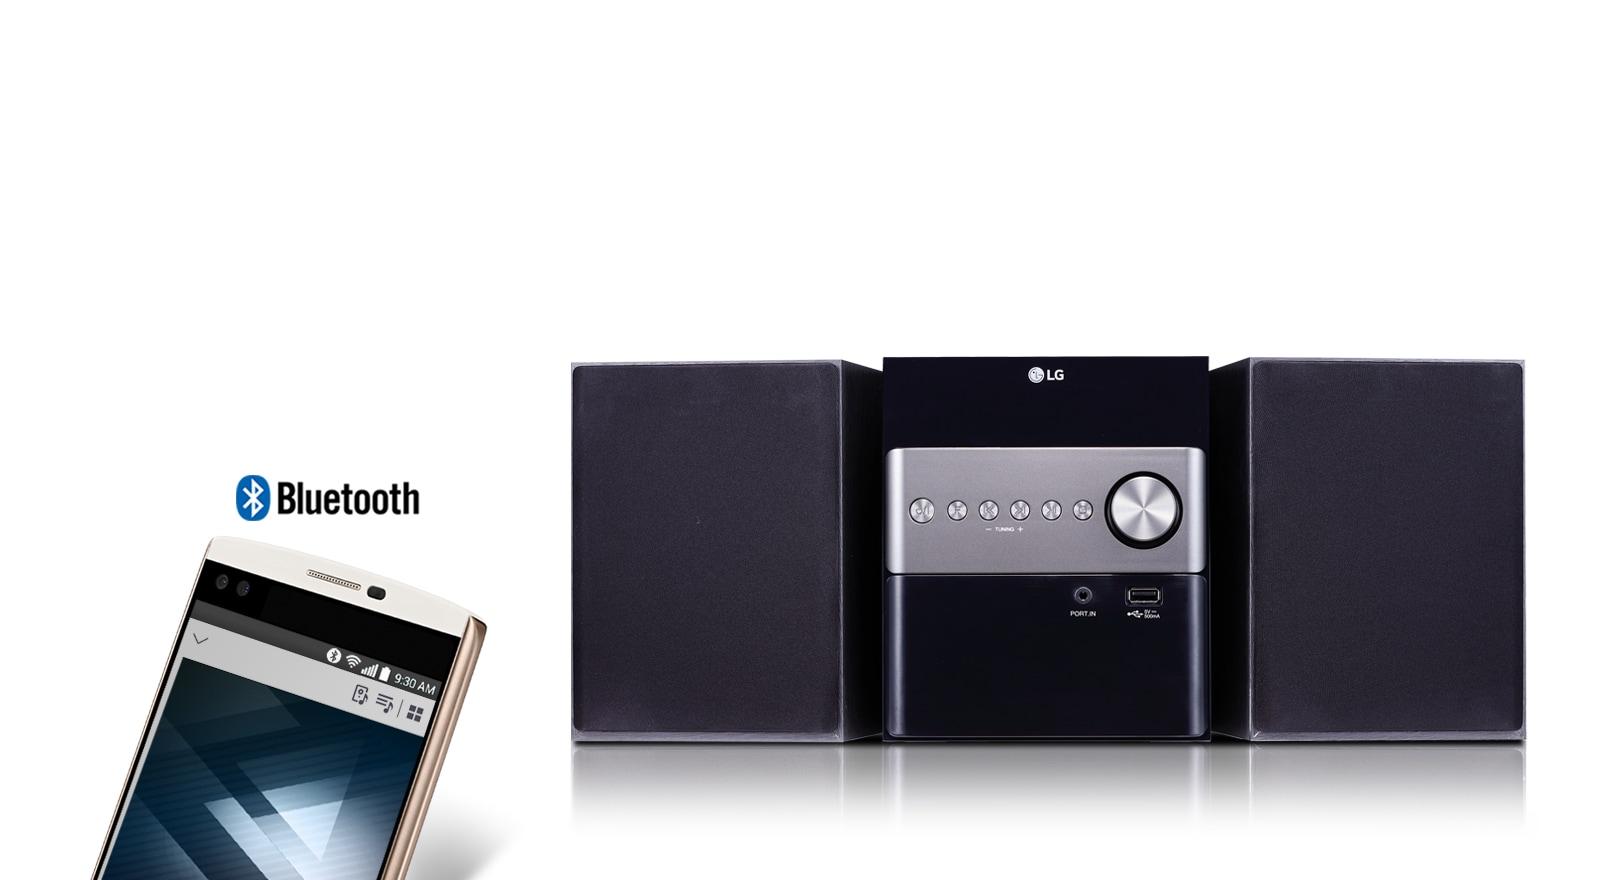 Потоковая передача музыки по Bluetooth